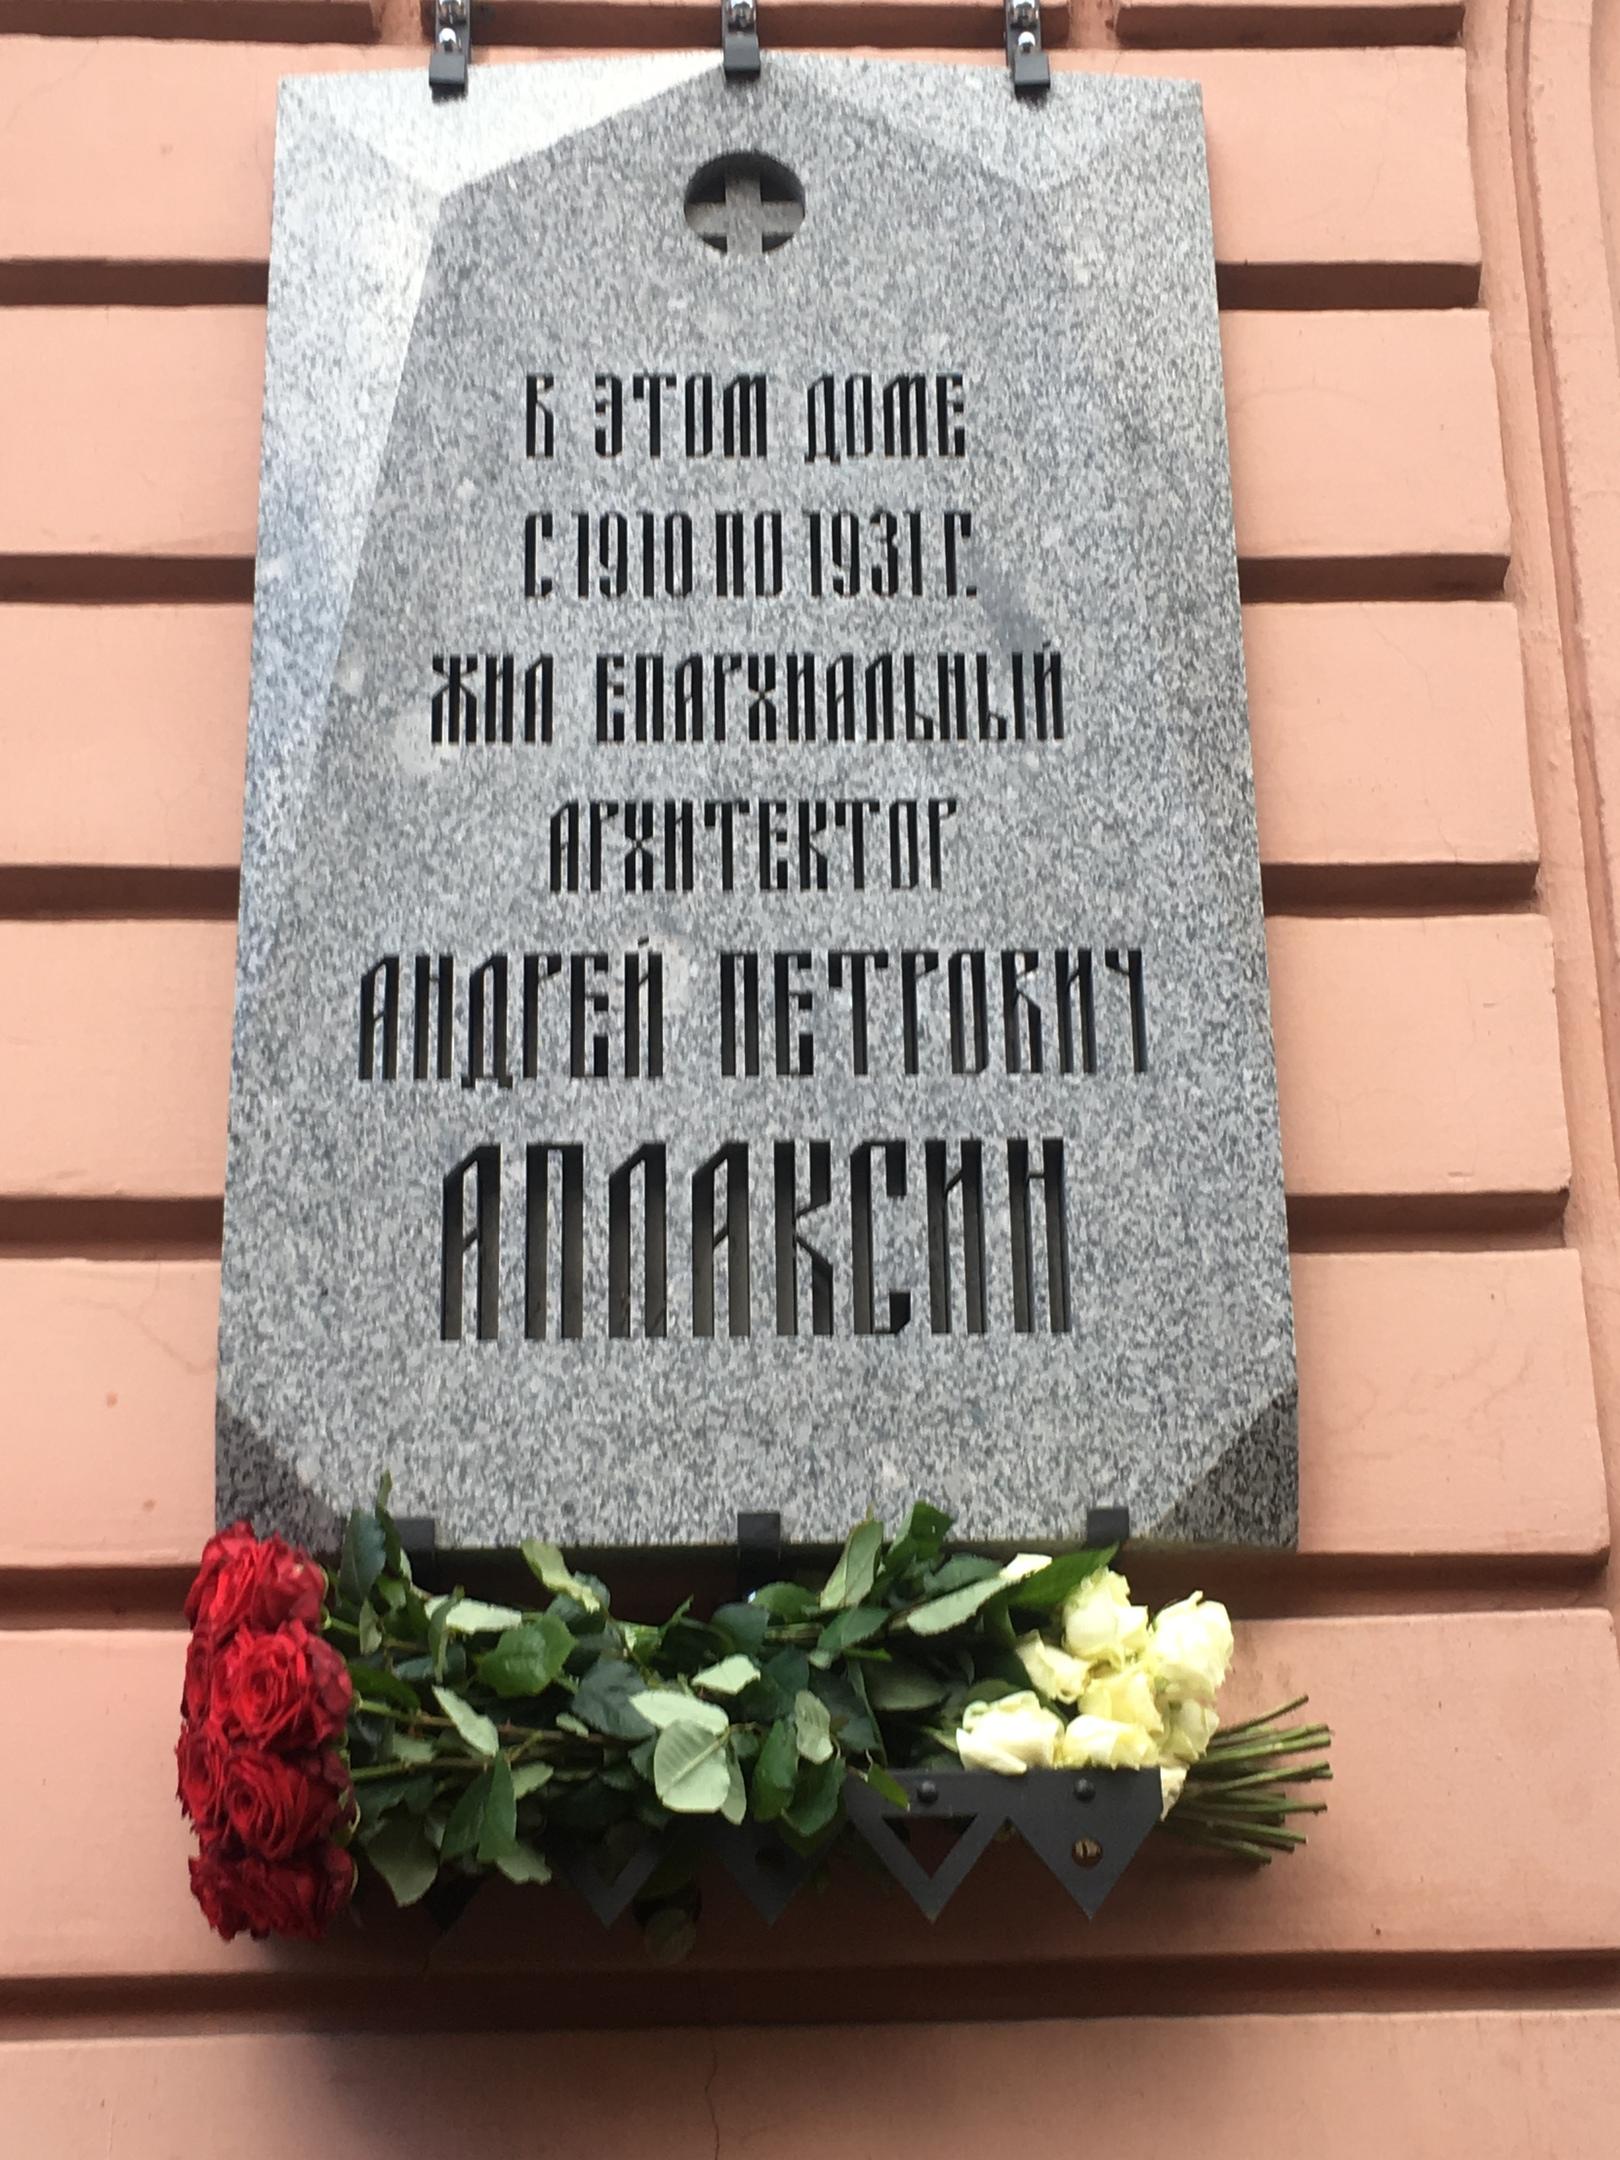 Состоялась торжественная церемония открытия мемориальной доски в честь епархиального петербургского архитектора Андрея Петровича Аплаксина.